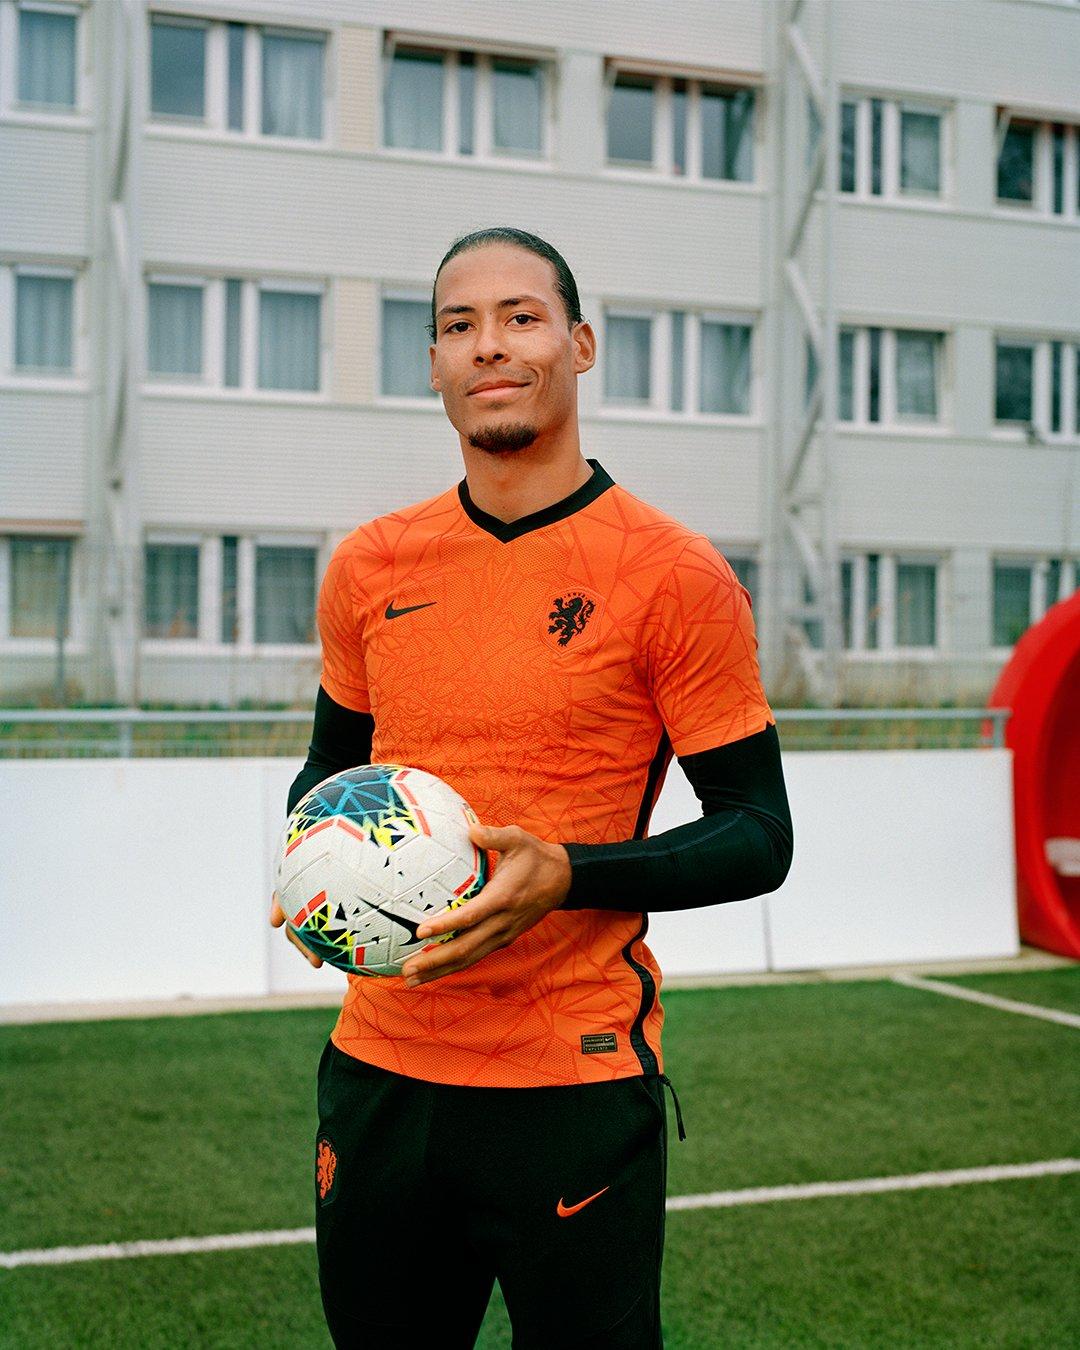 فان دايك بقميص منتخب هولندا